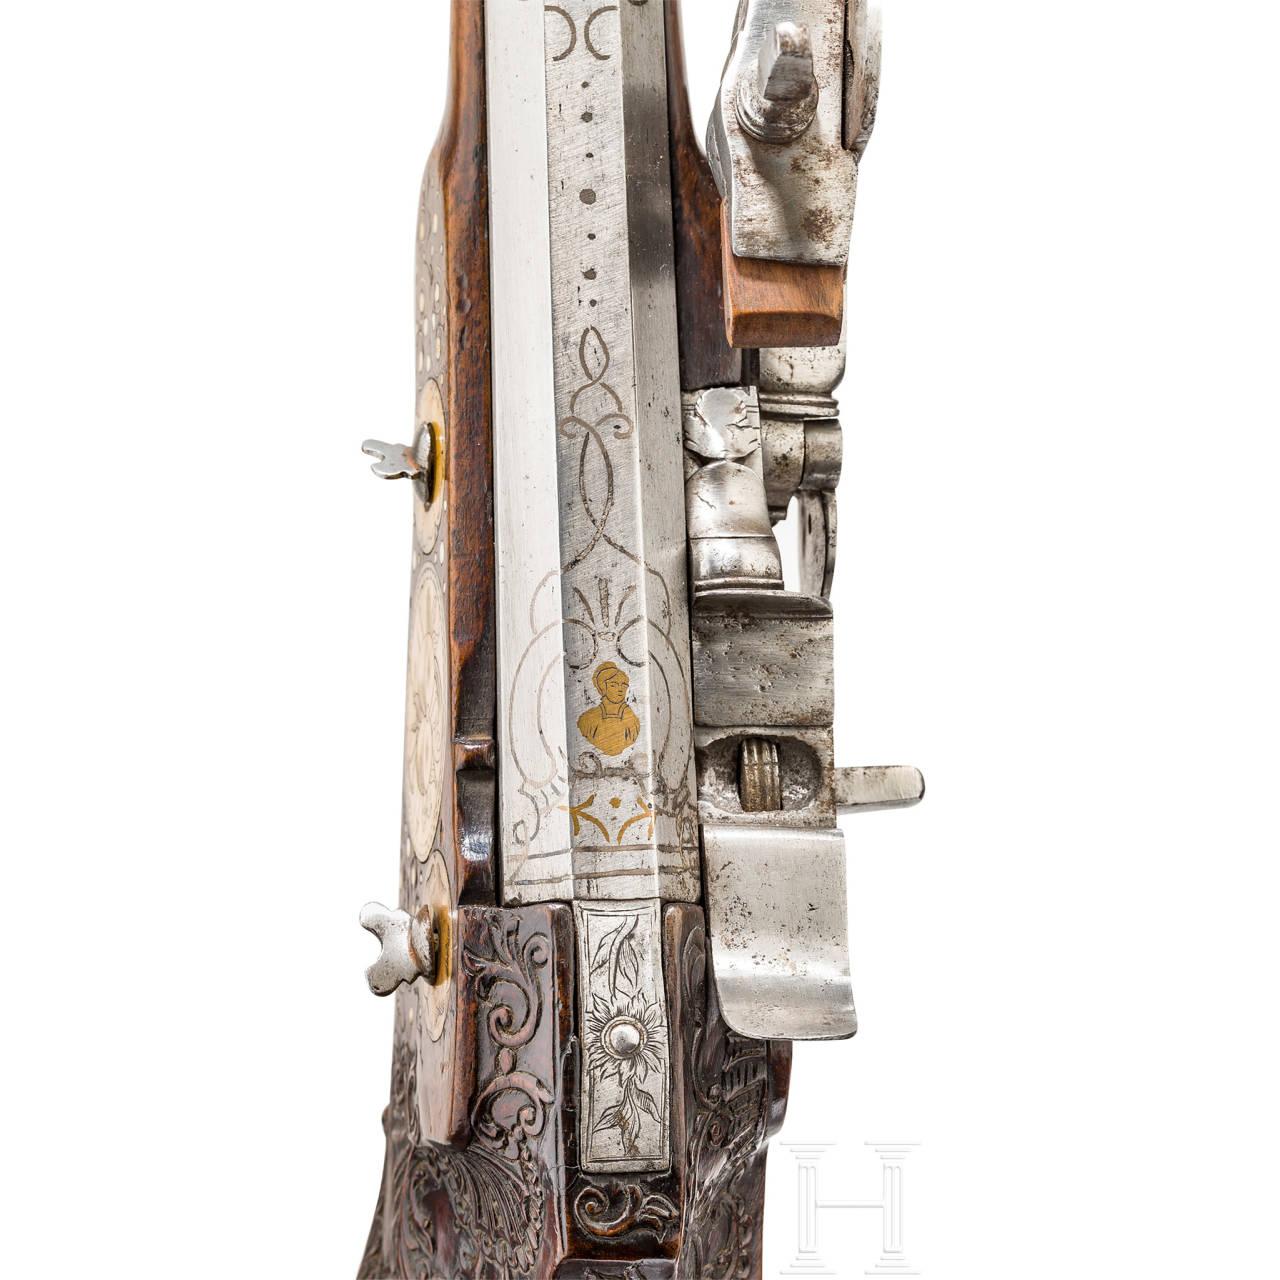 Reich verbeinte Luxus-Radschlossbüchse, Böhmen, um 1680/1700